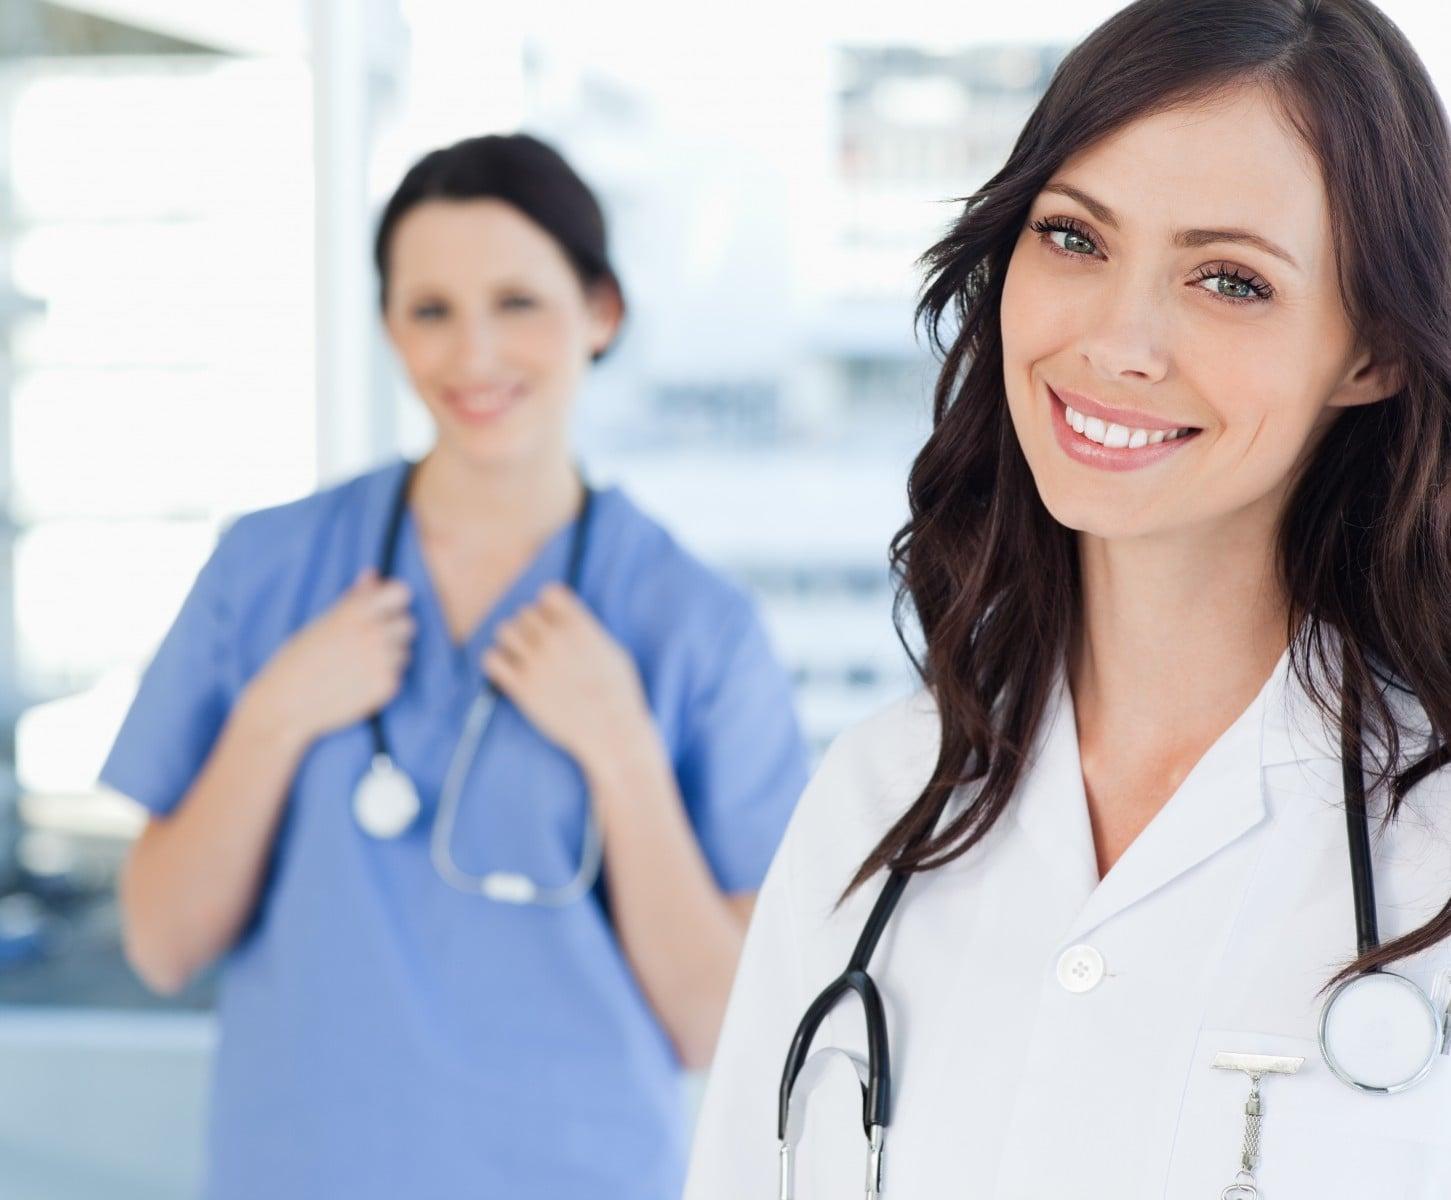 второе высшее образование медицинское сколько лет учиться